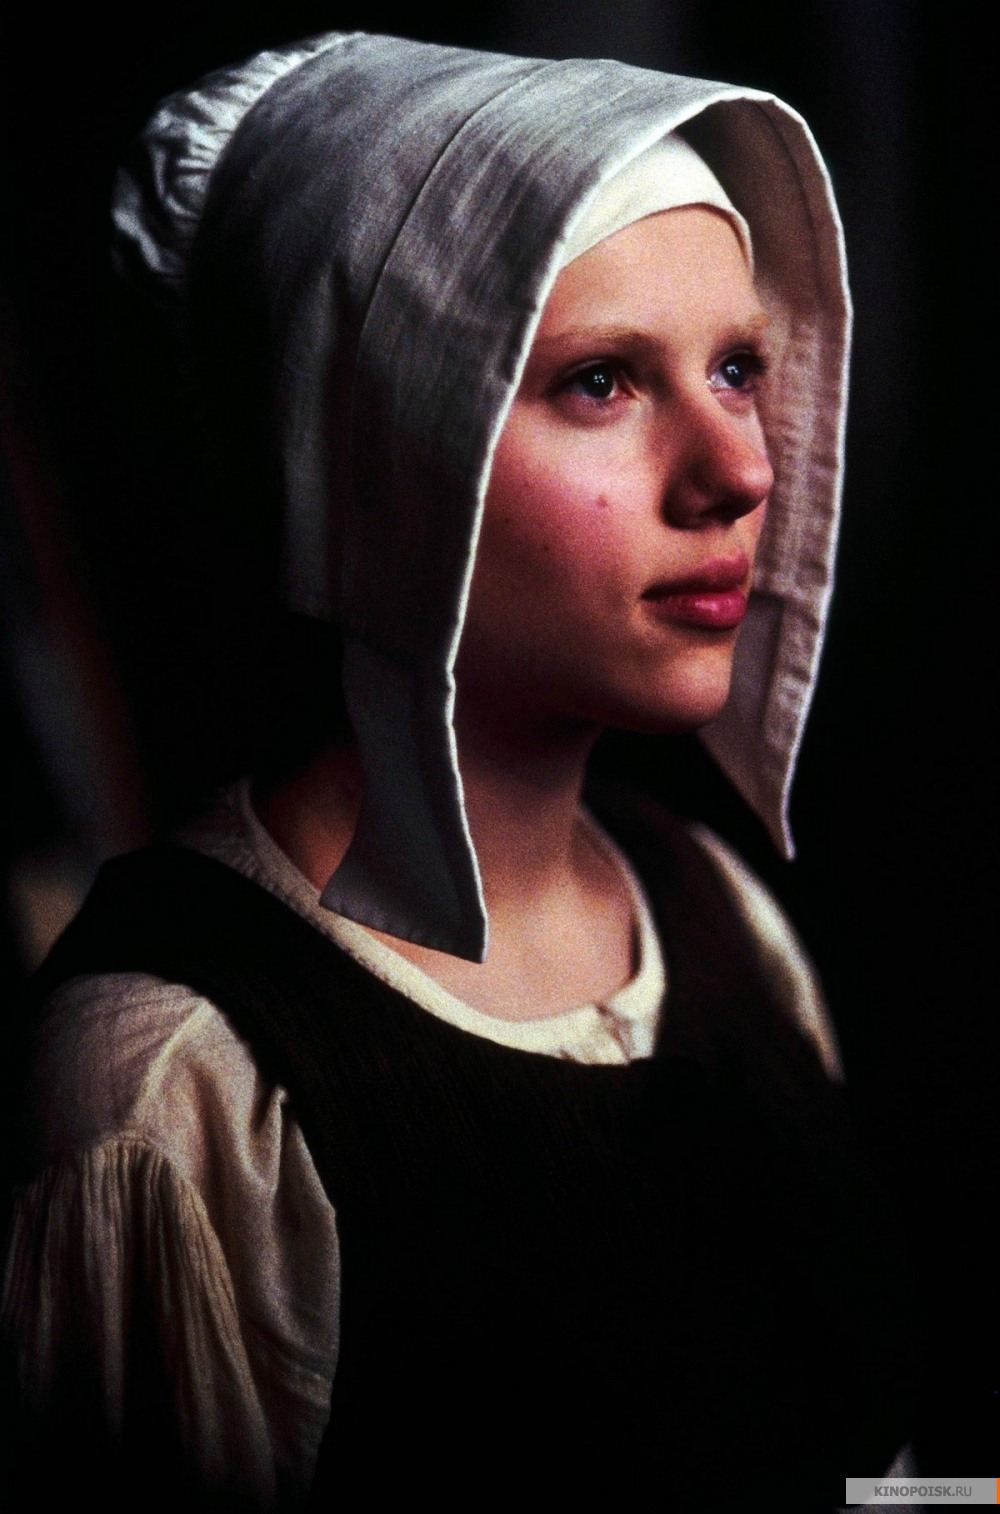 Девушка с жемчужной серёжкой (картина) — Википедия